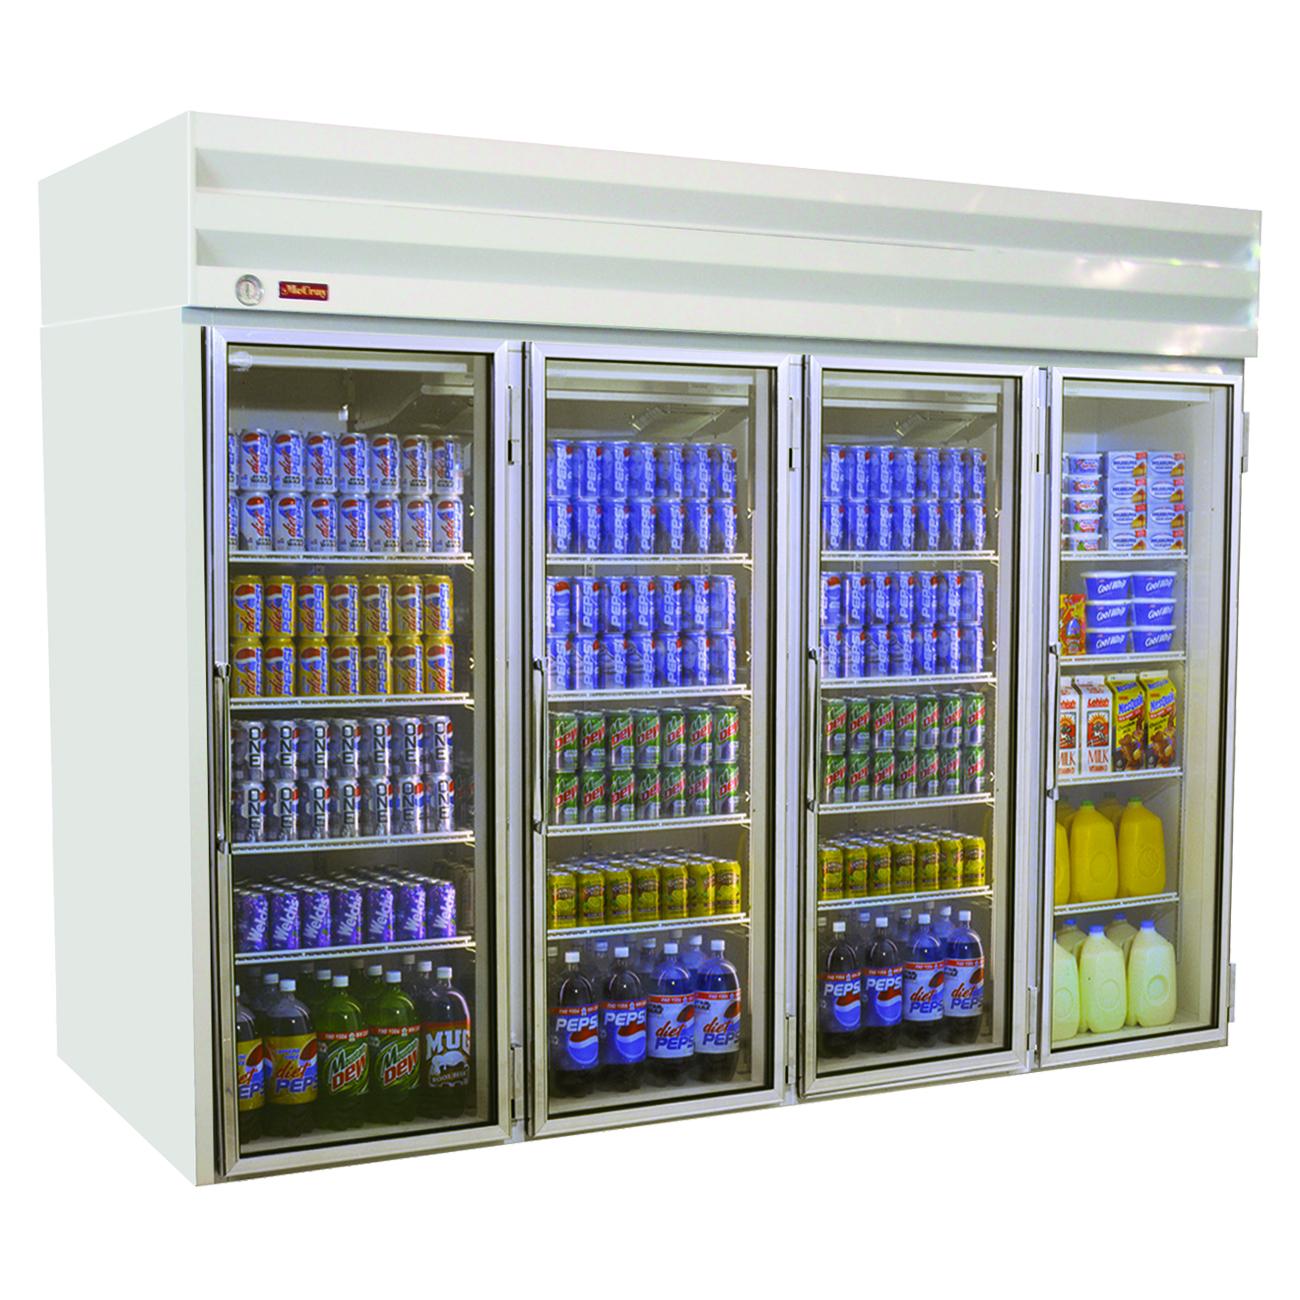 Howard-McCray GR102 refrigerator, merchandiser